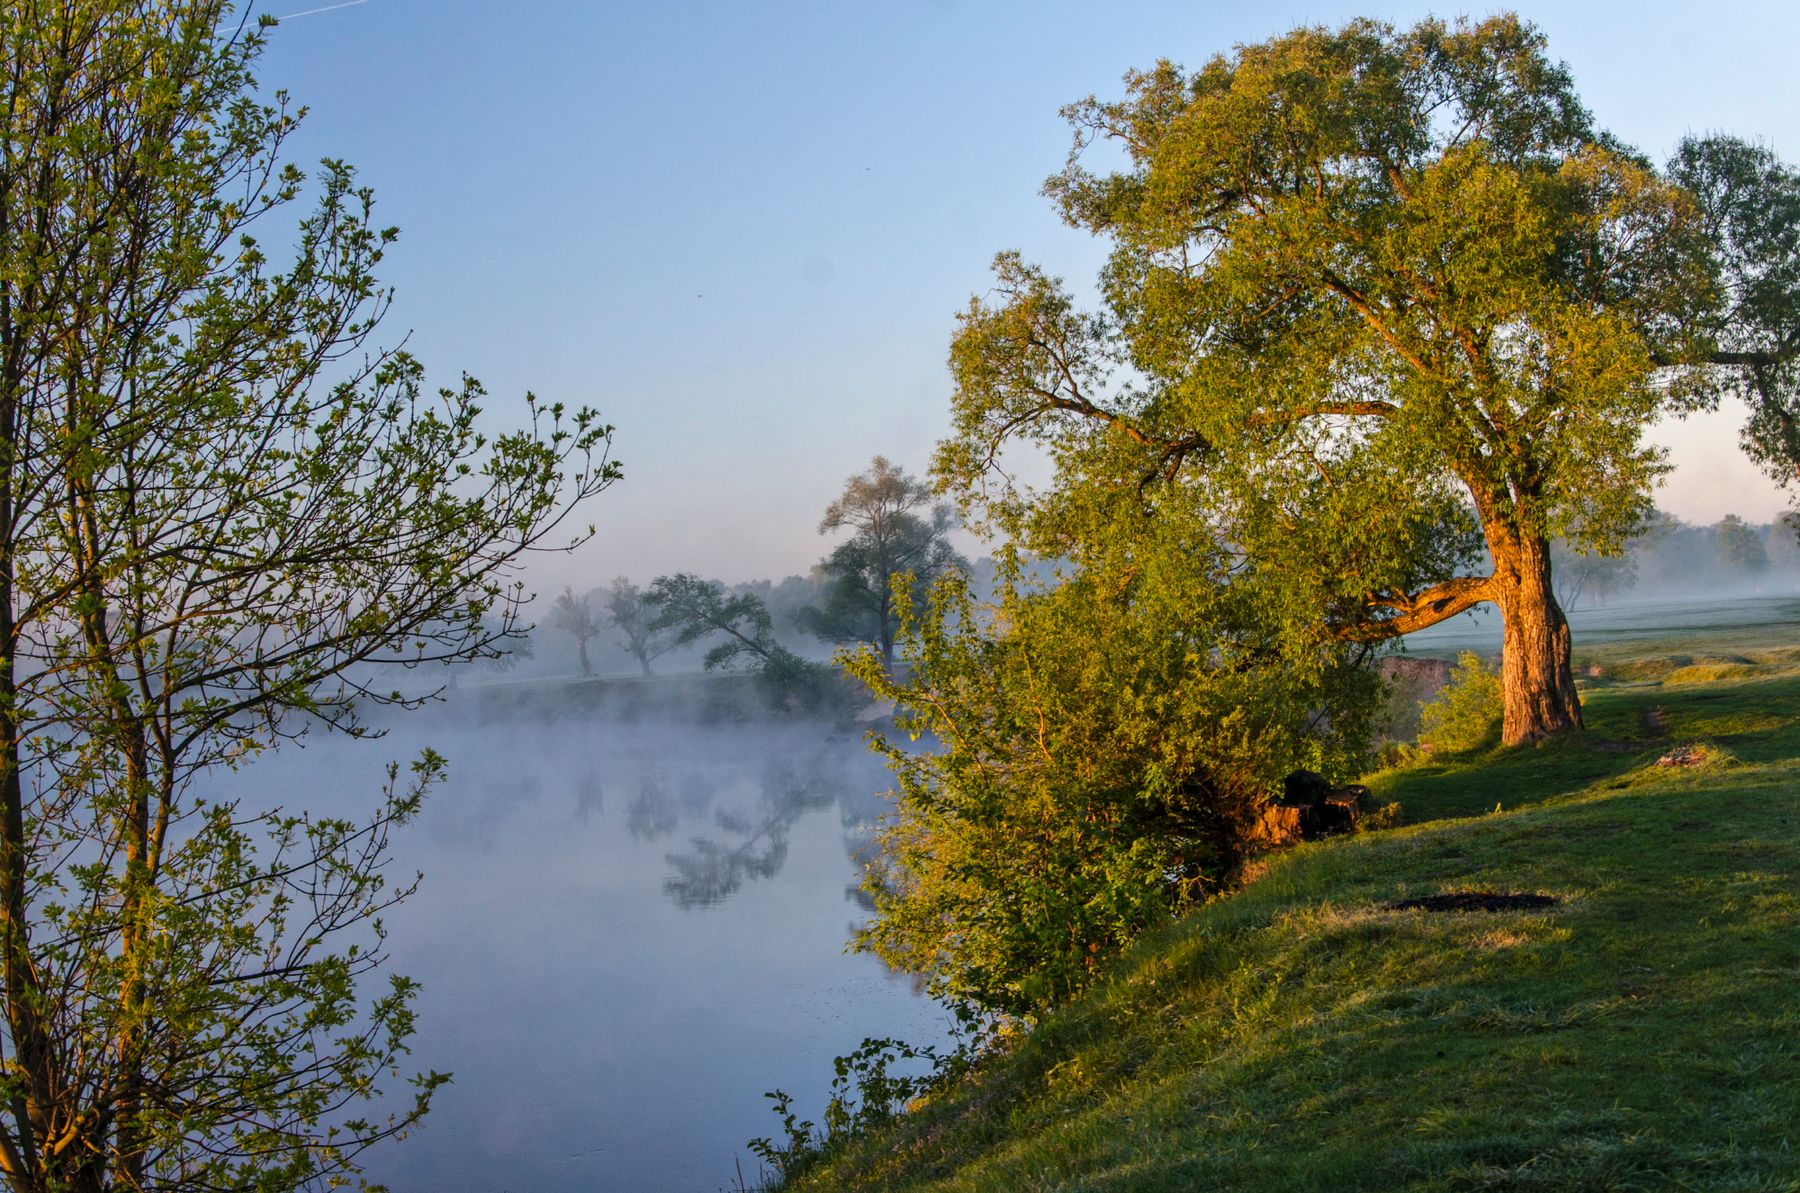 Утро на реке nevant60 березуцкий _александр природа красота пейзаж брянск утро туман